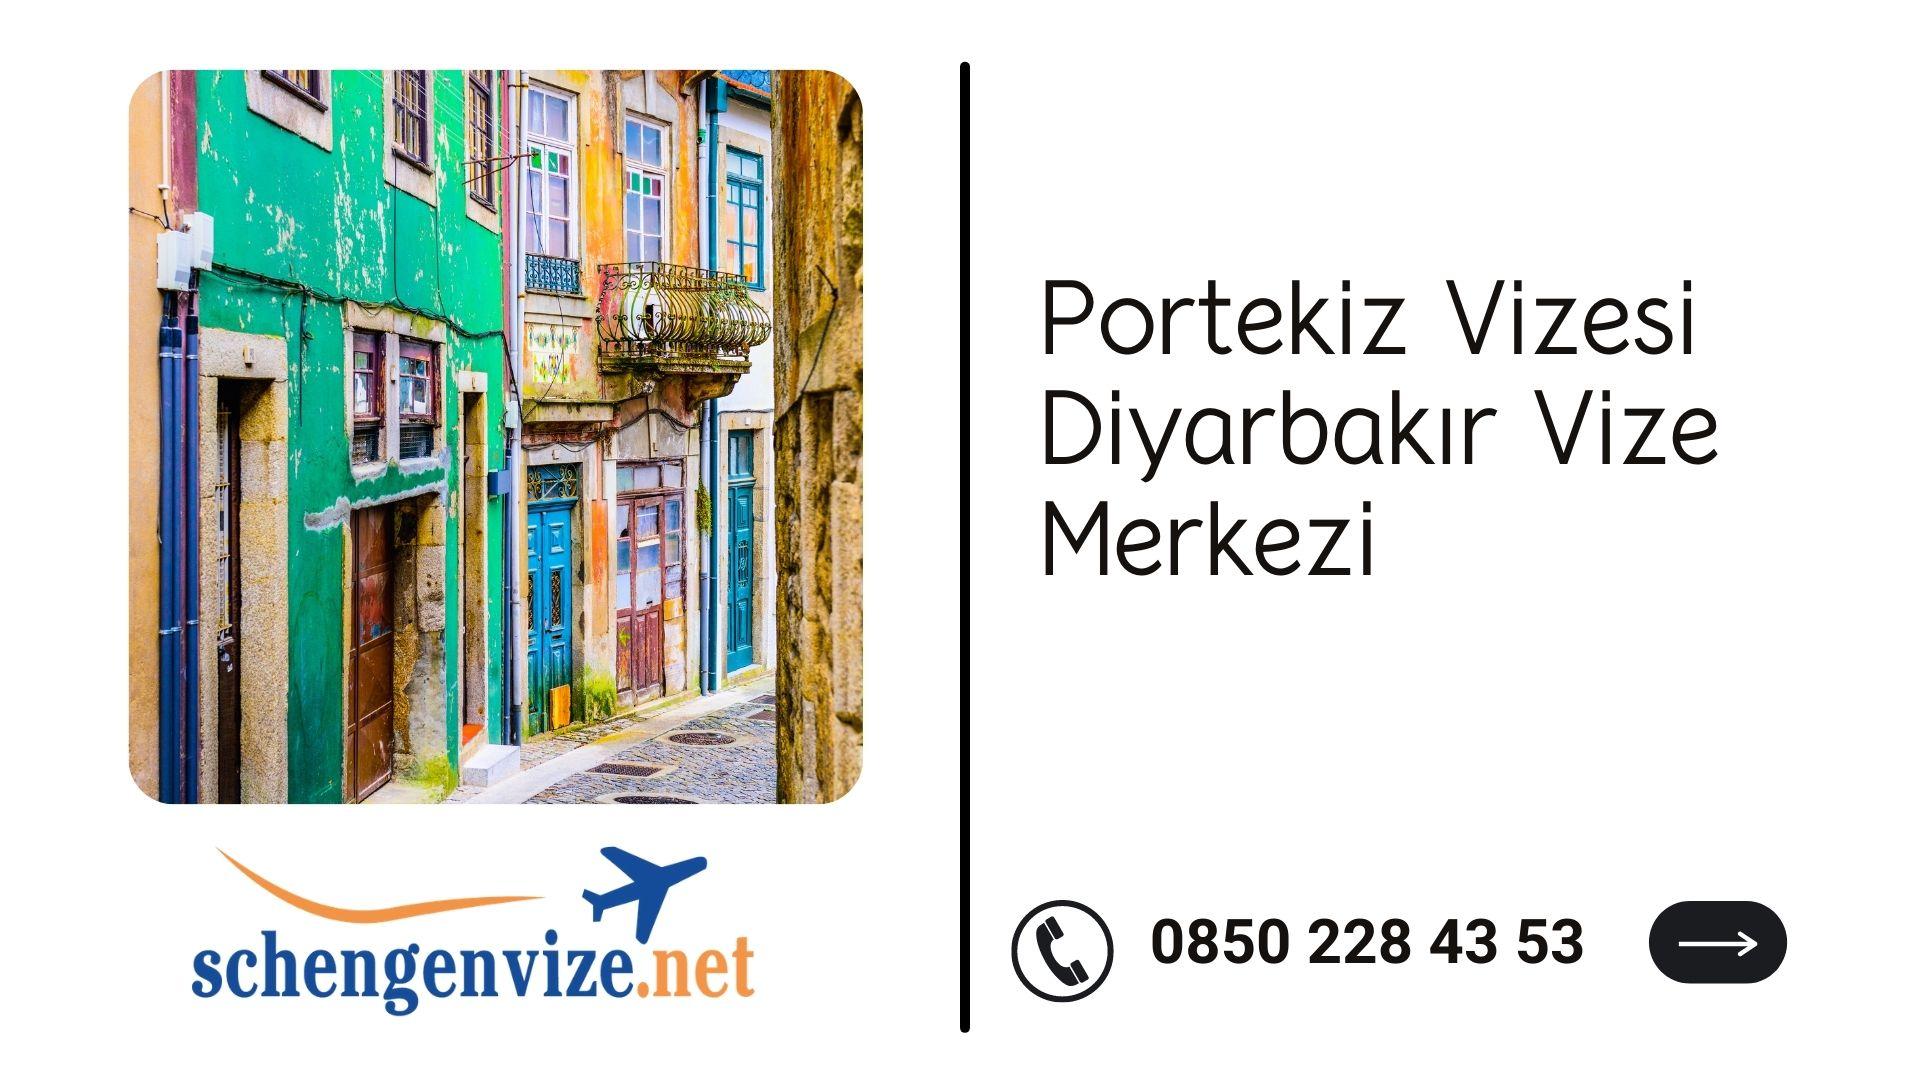 Portekiz Vizesi Diyarbakır Vize Merkezi